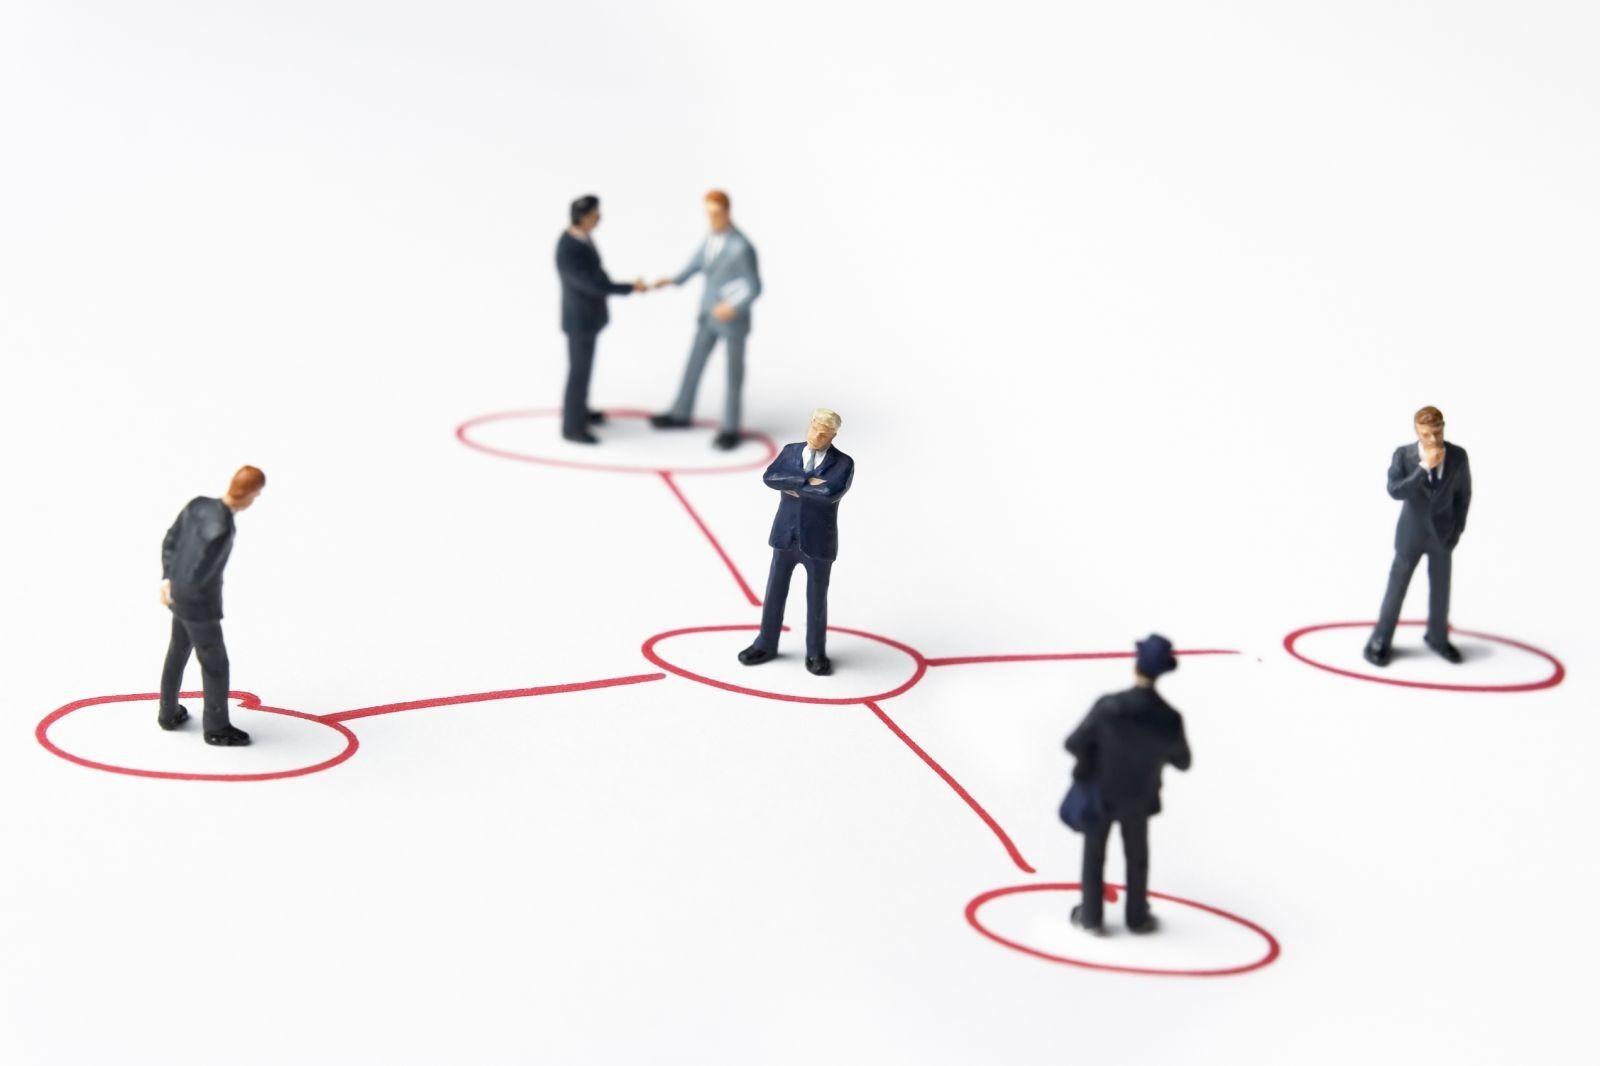 Quando eu preciso de comunicação interna? 2